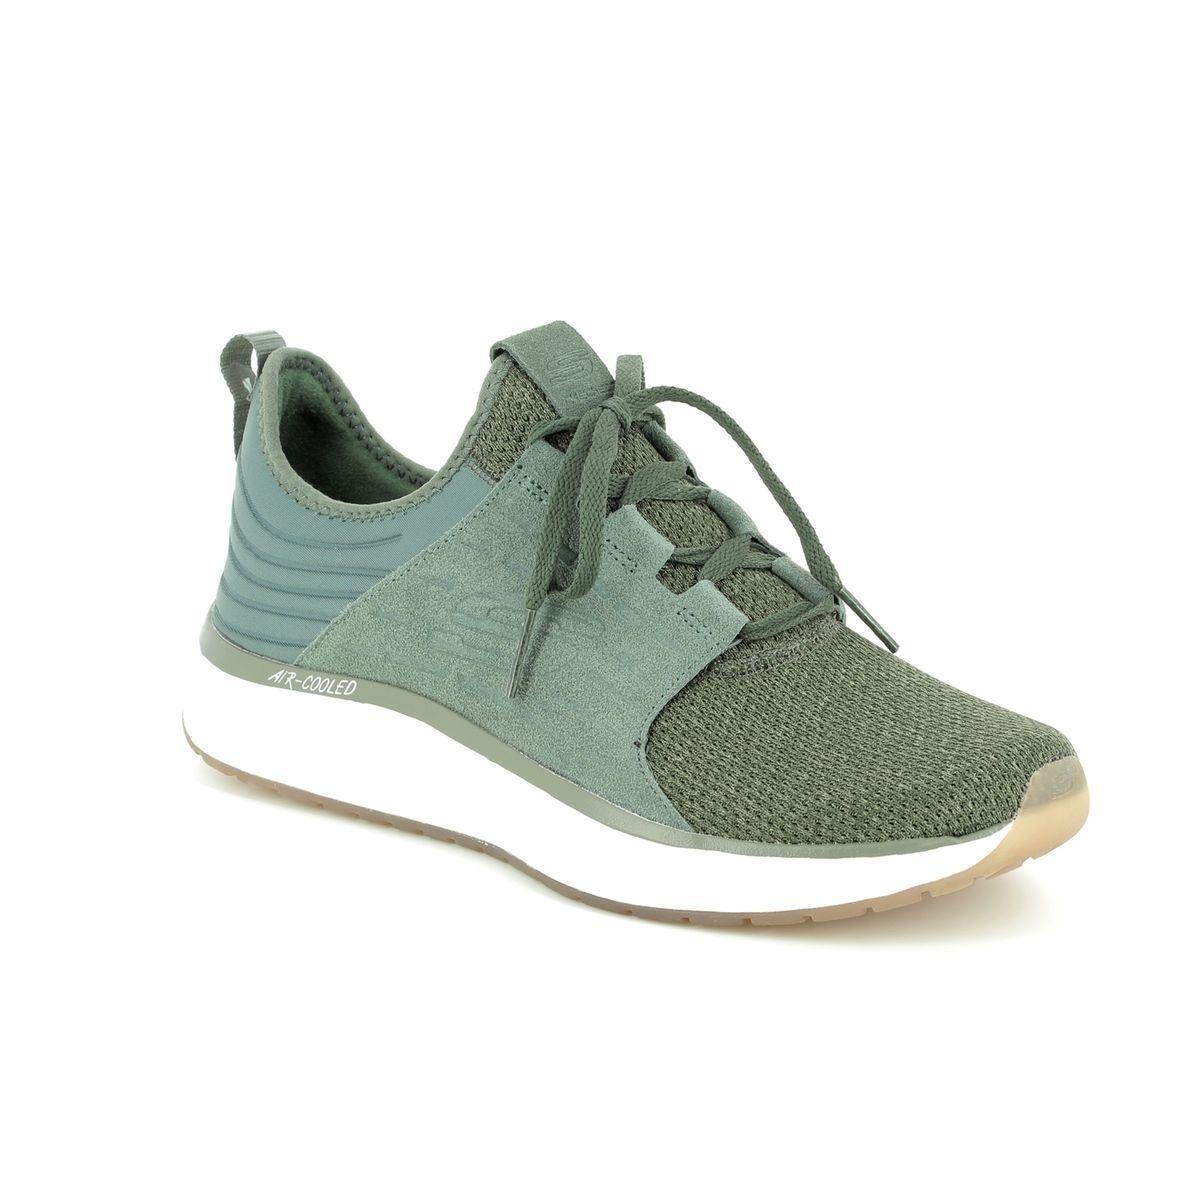 Skyline Shoesamp; Begg At Bags 52967 Silshe k8nOX0wP